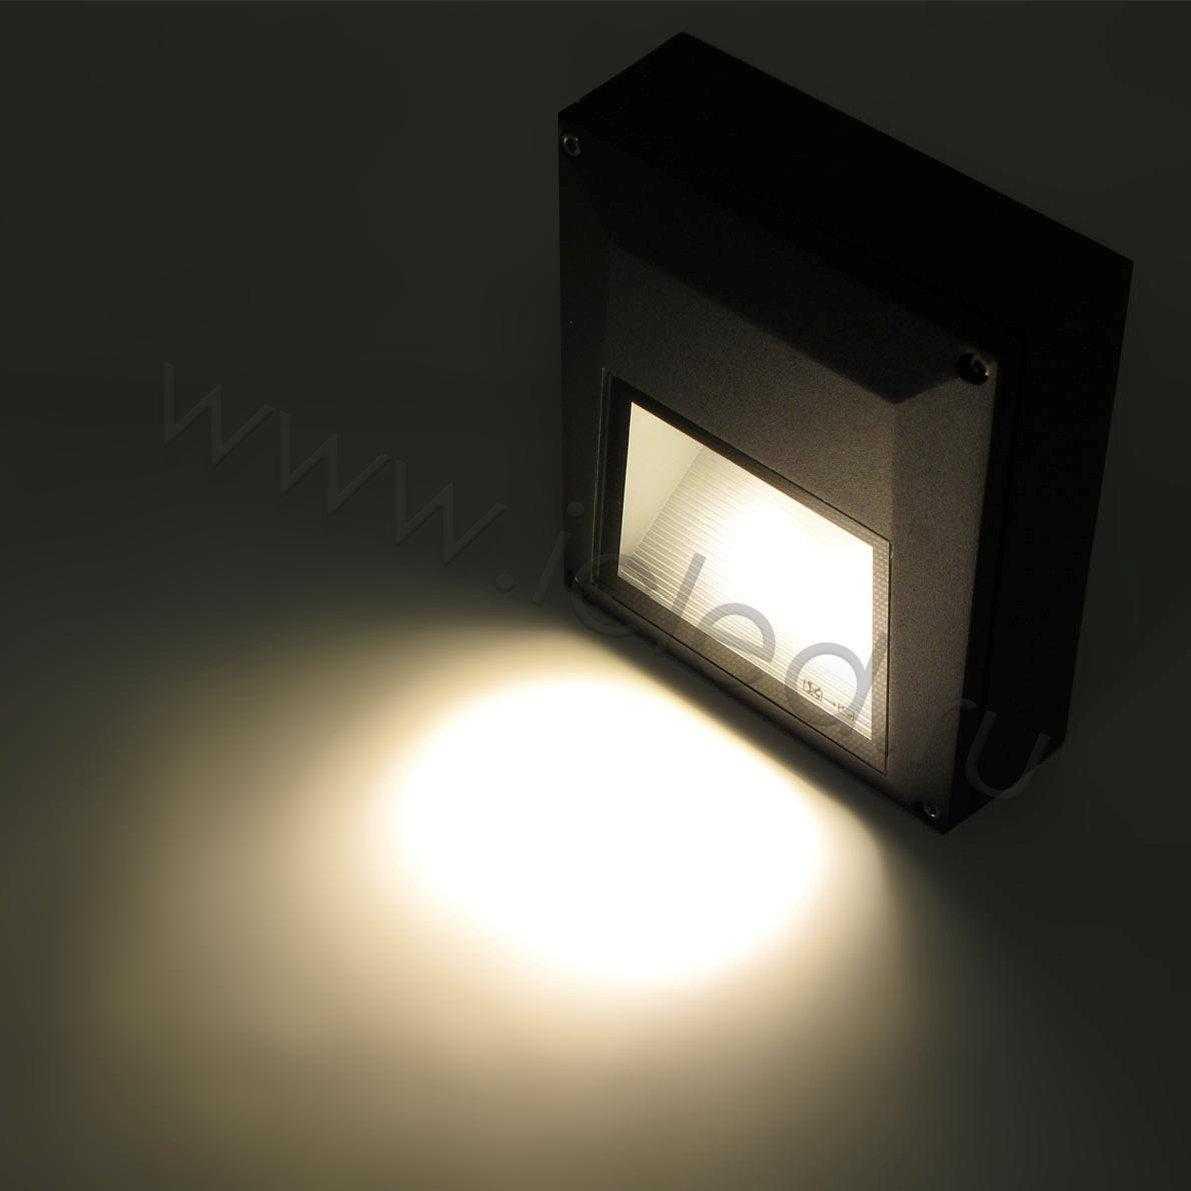 Светодиодный светильник UCR7810 DG, Warm White